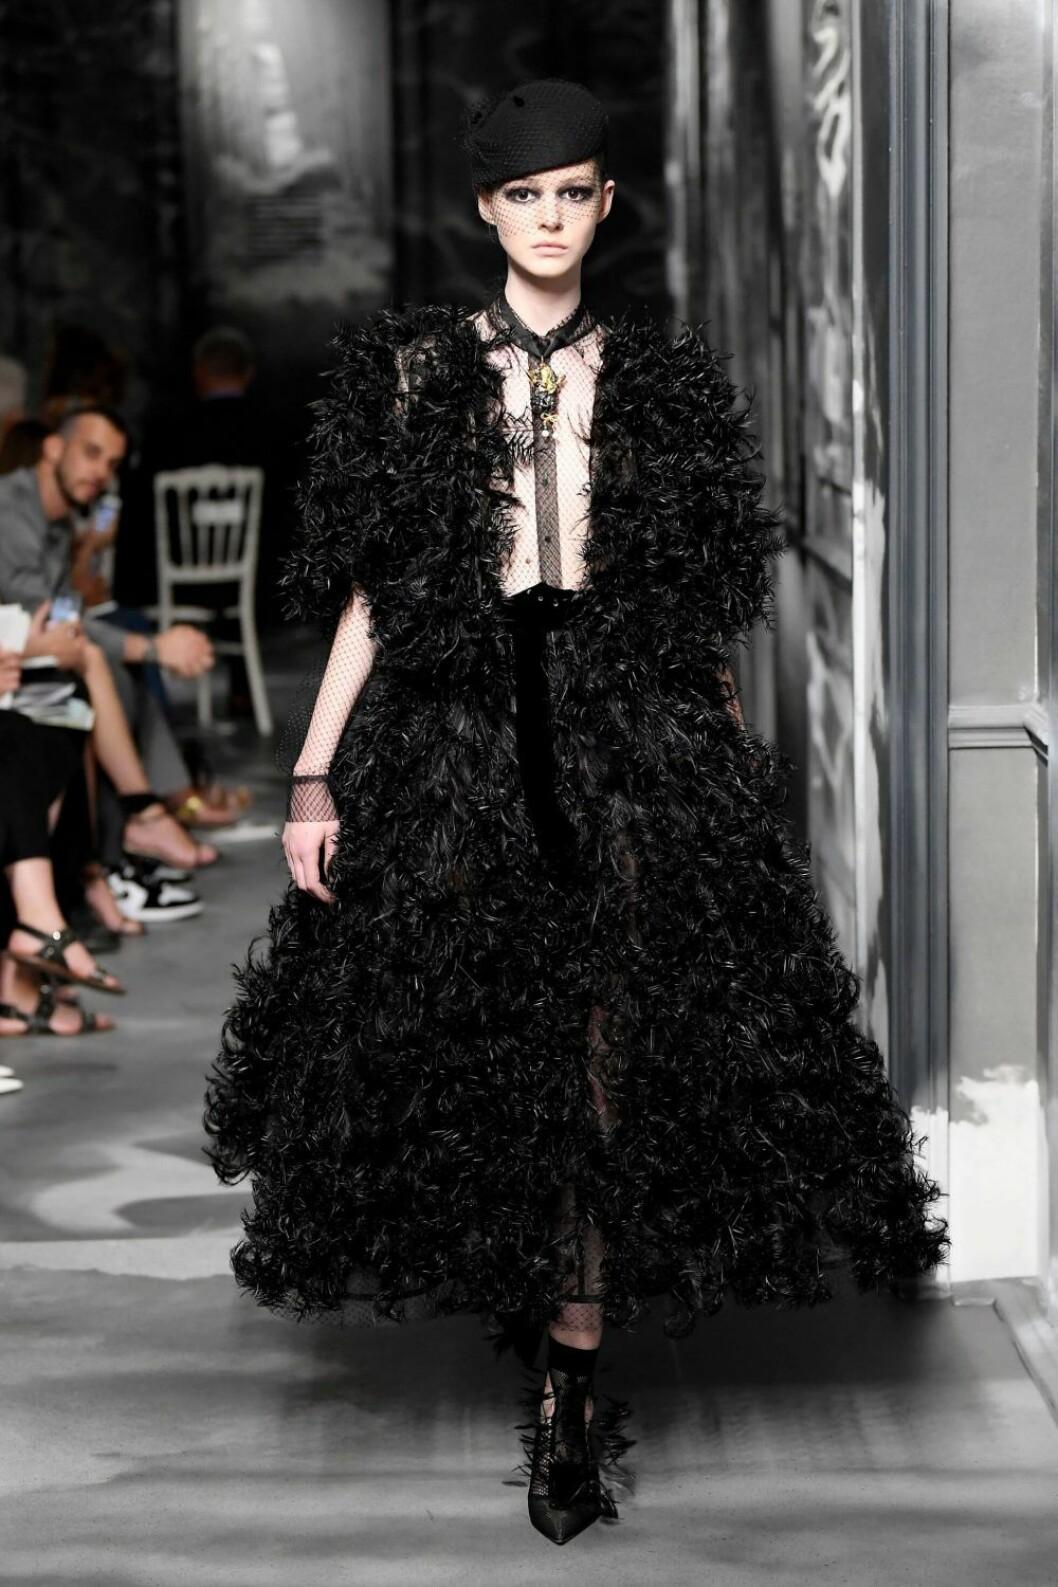 Christian Dior AW19/20, Klänning med fokus på detaljer.